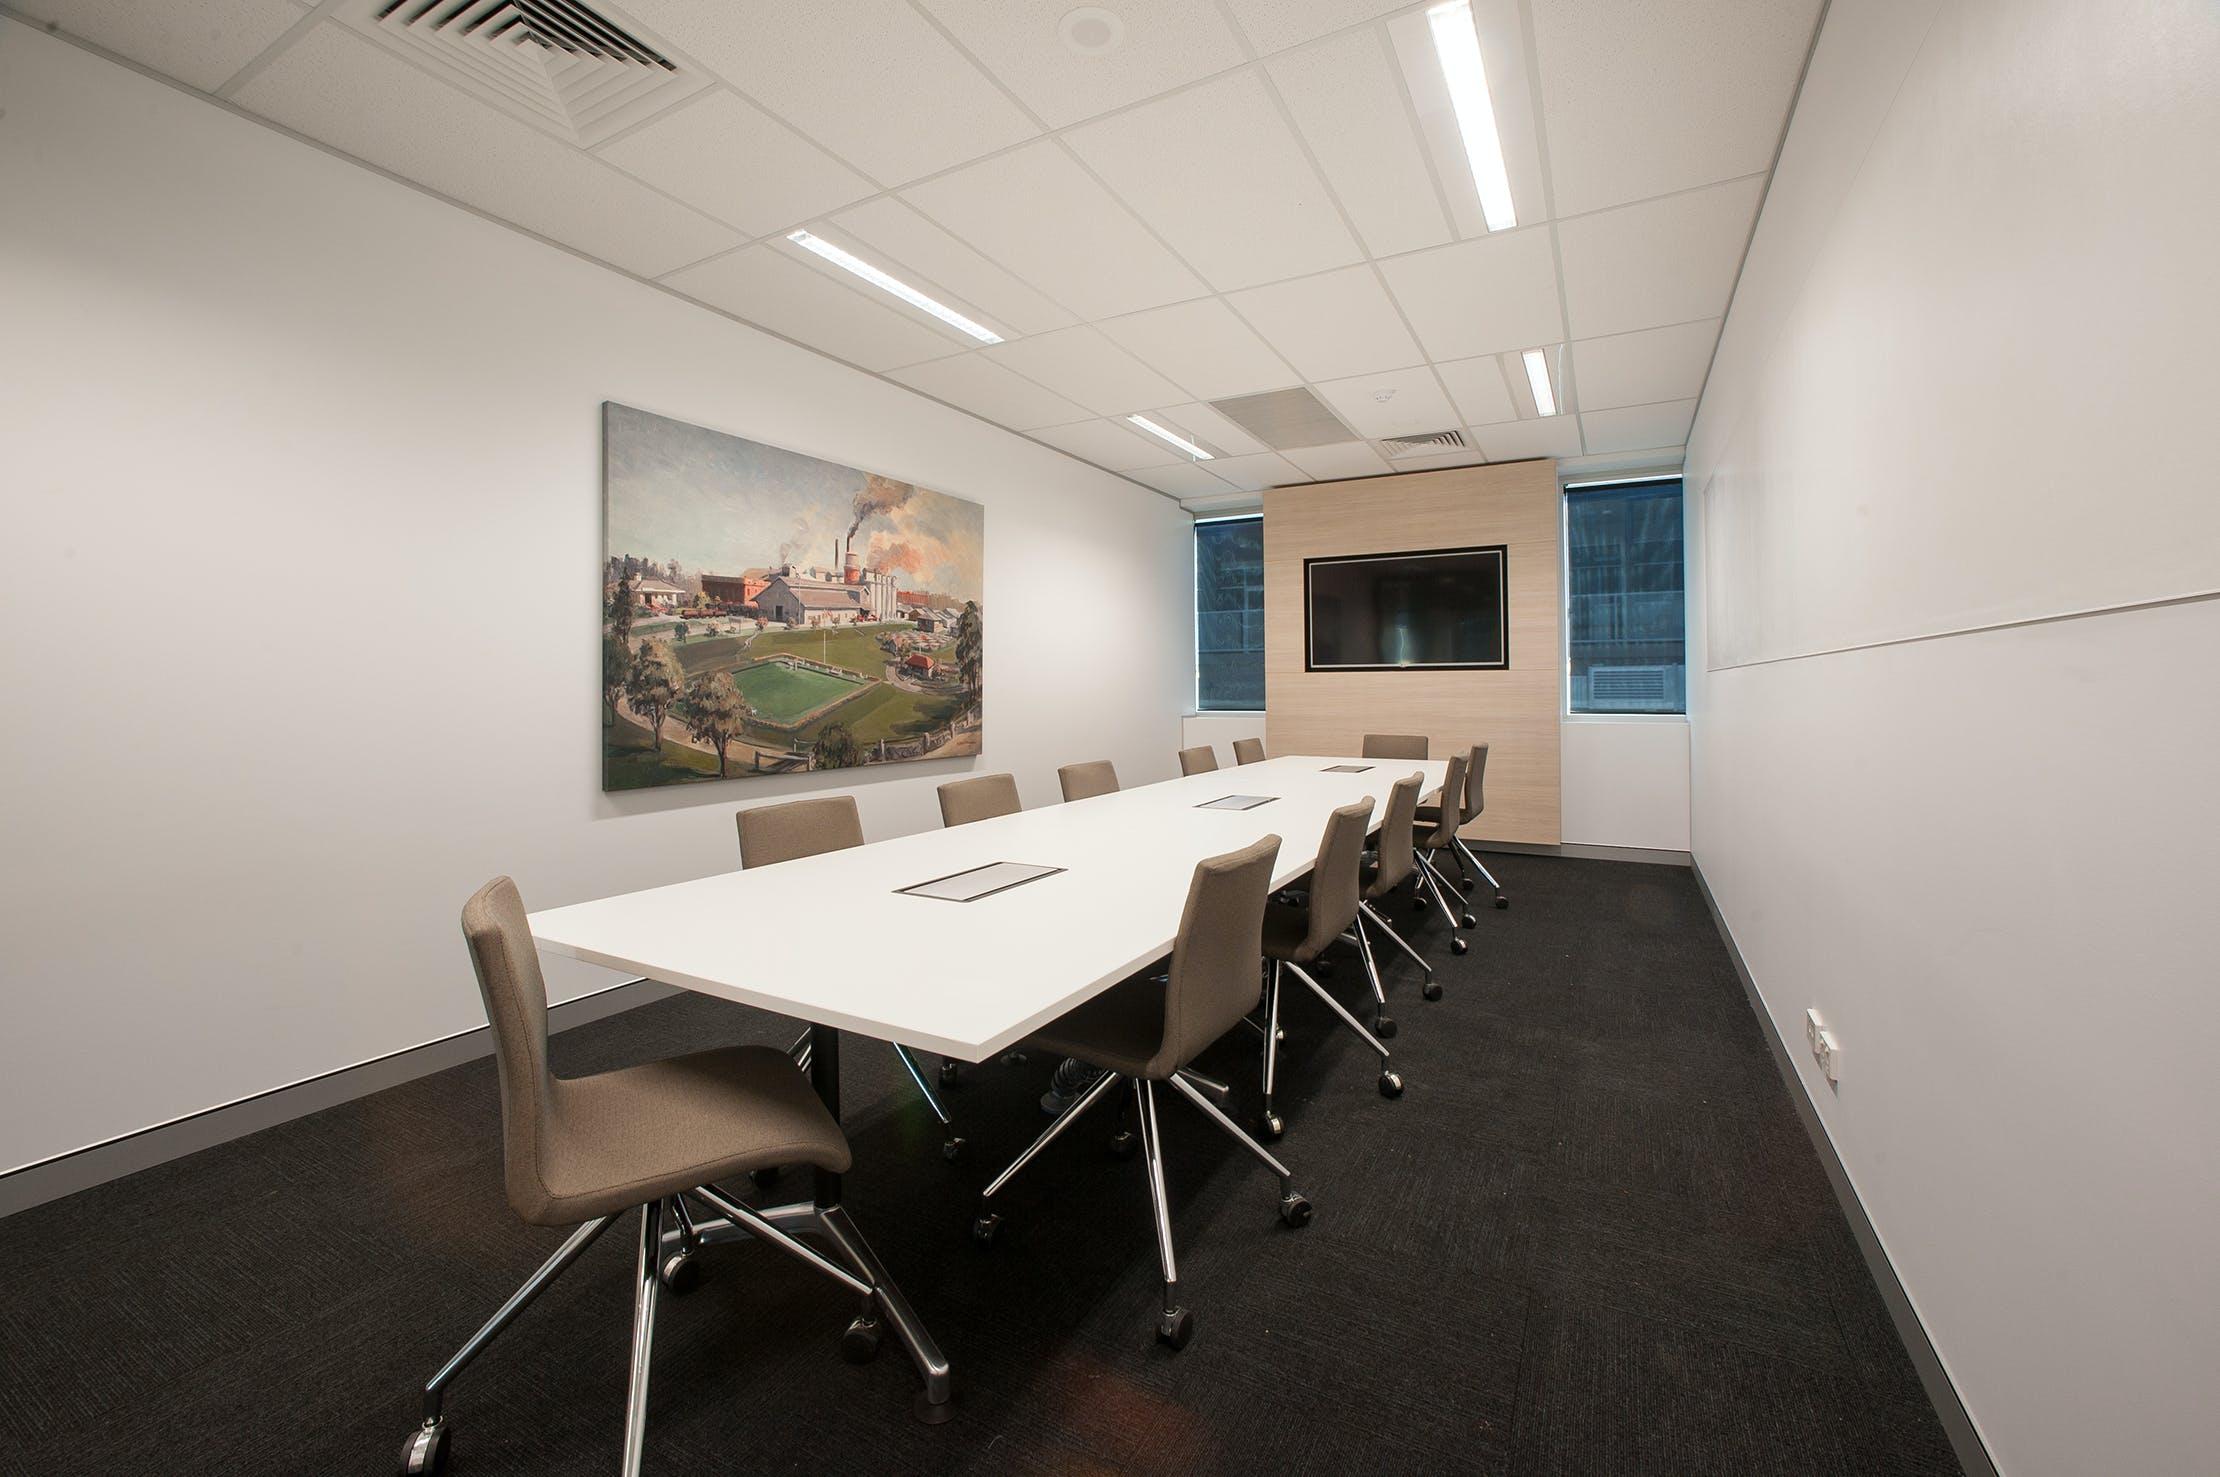 Boardroom, meeting room at BTP Westlink Green, image 1